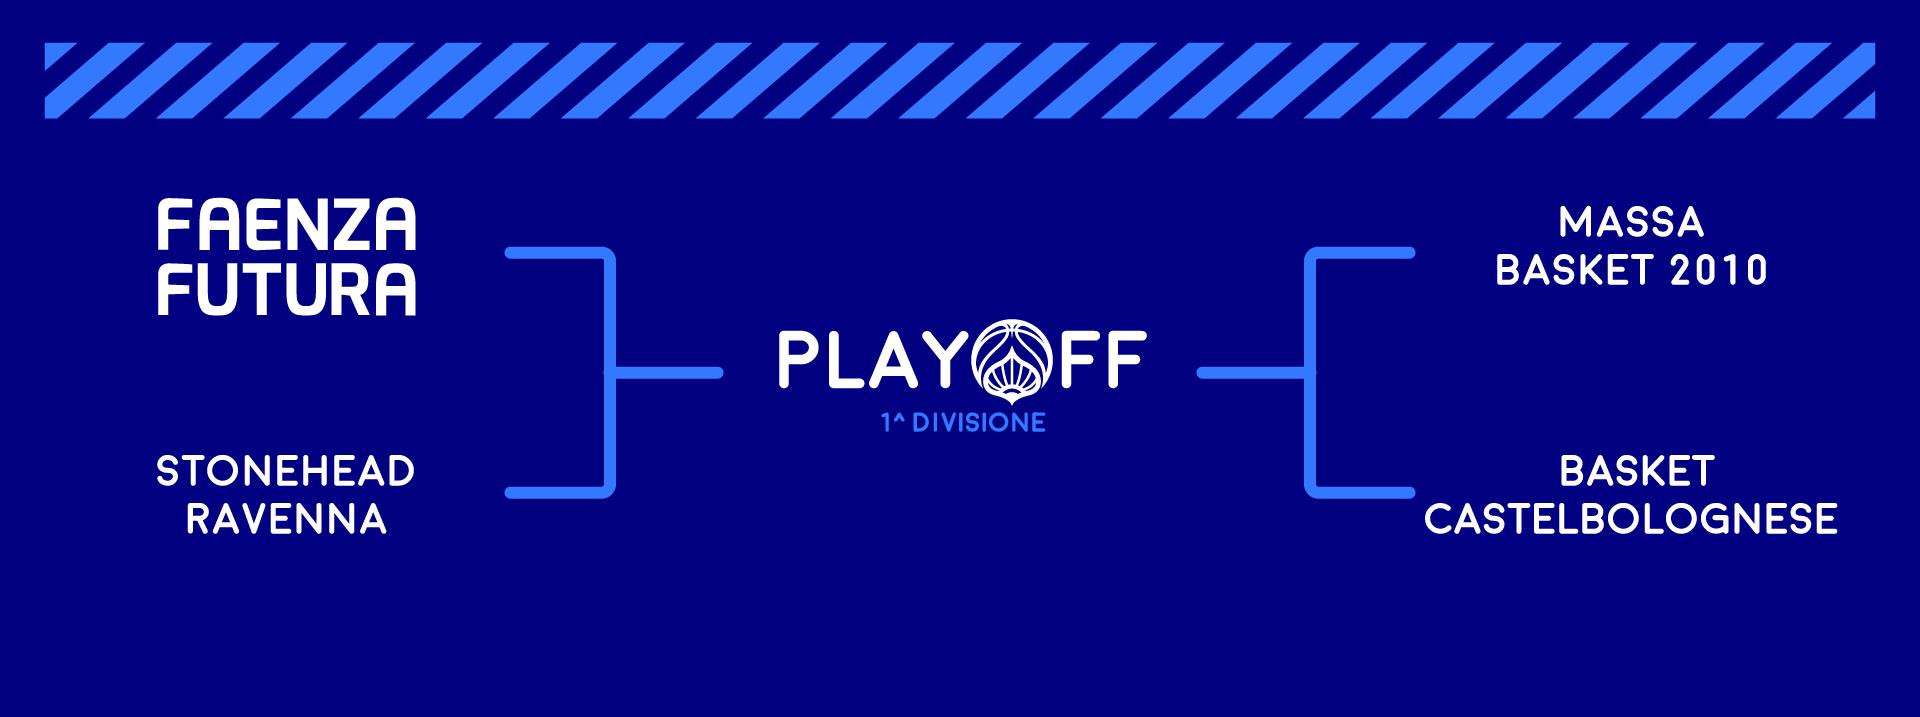 facebook_copertina_playoff